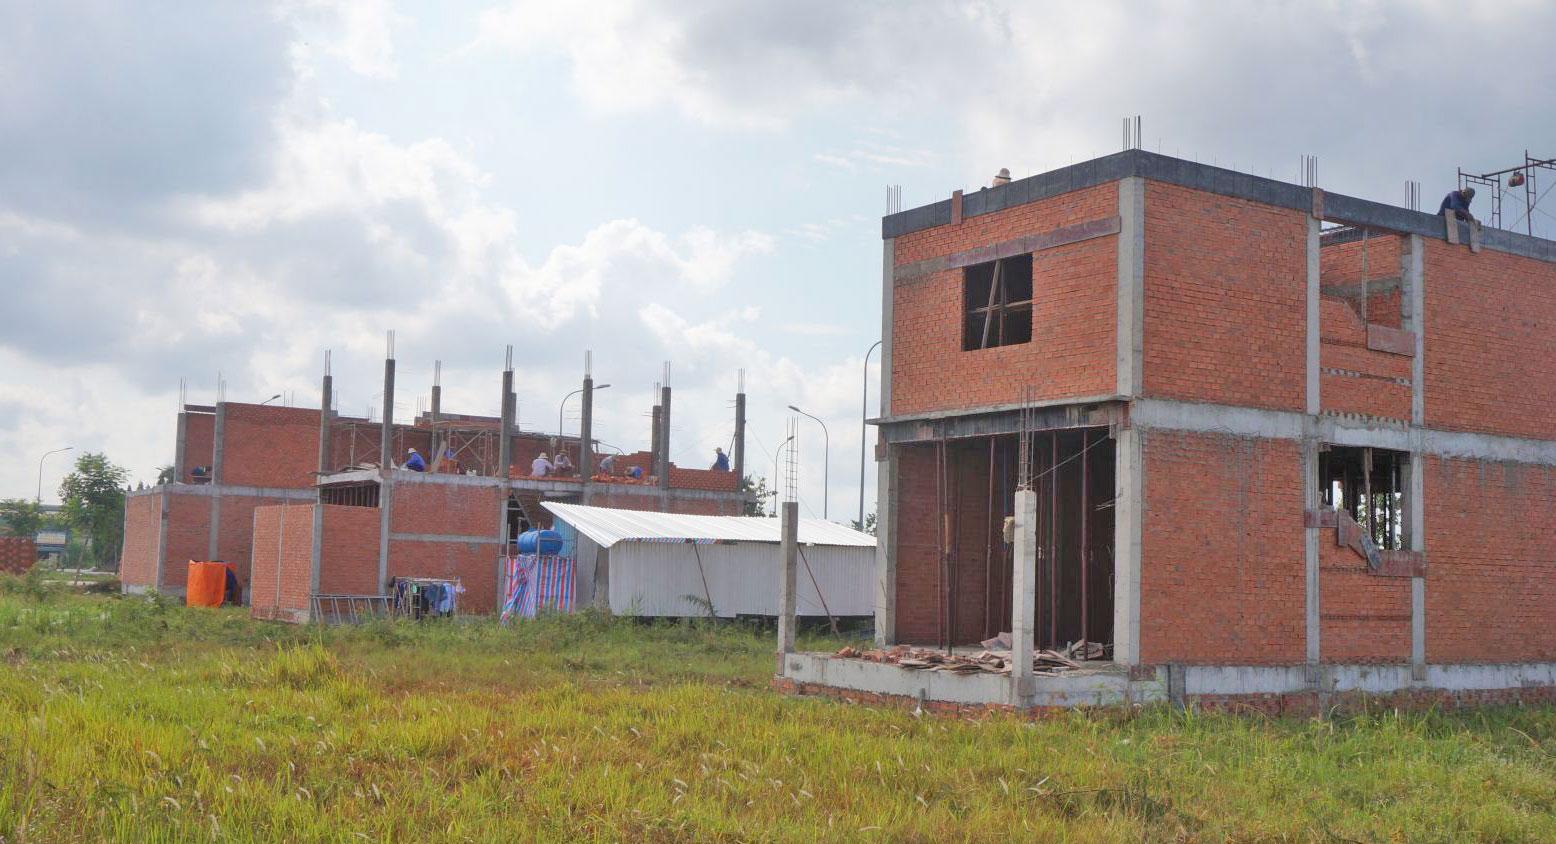 Gia hạn không quá 1 năm thực hiện dự án Khu dân cư đường dự án CSEDP